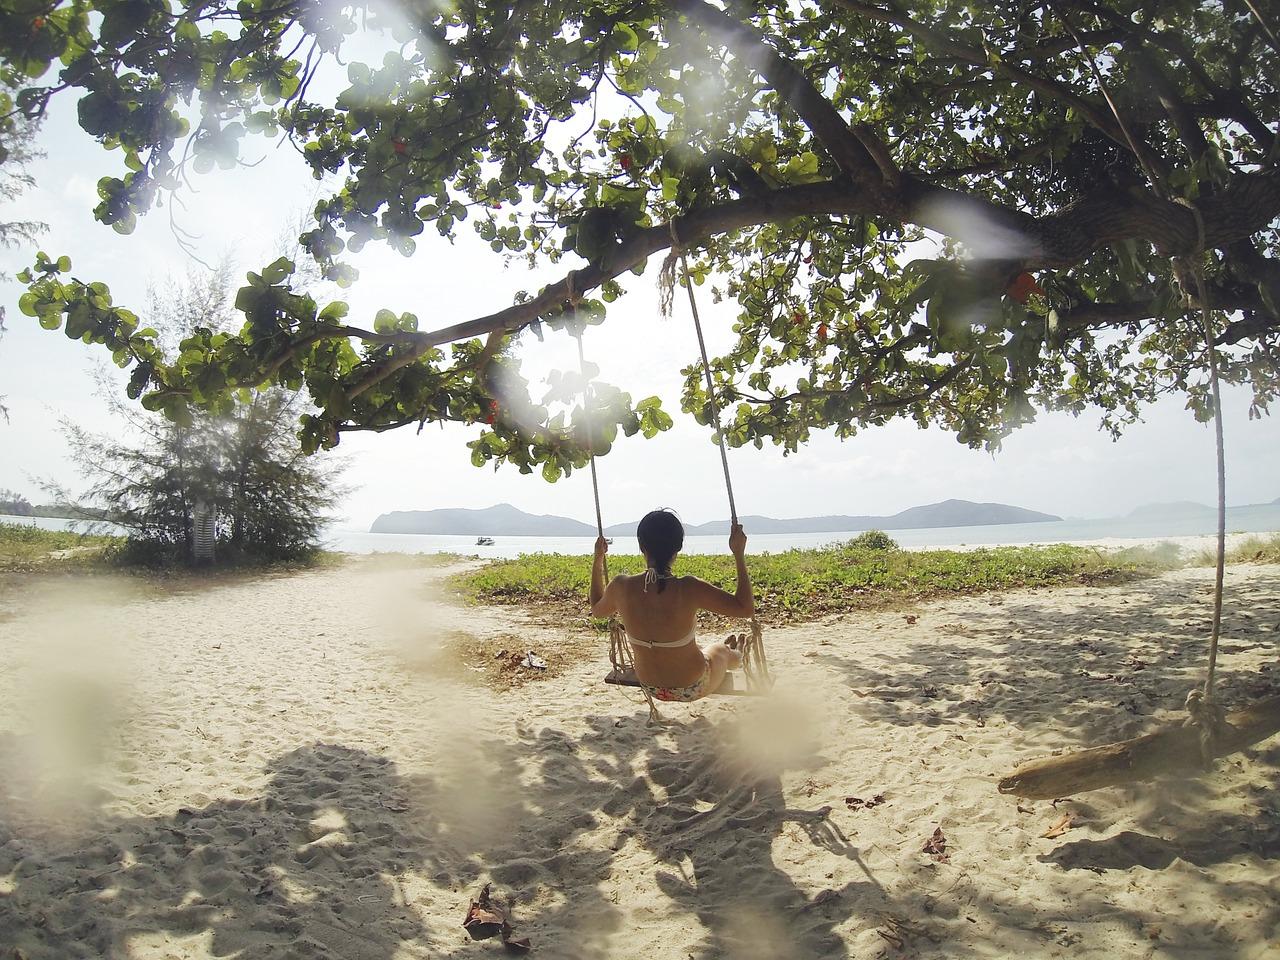 tropical-beach-1149937_1280